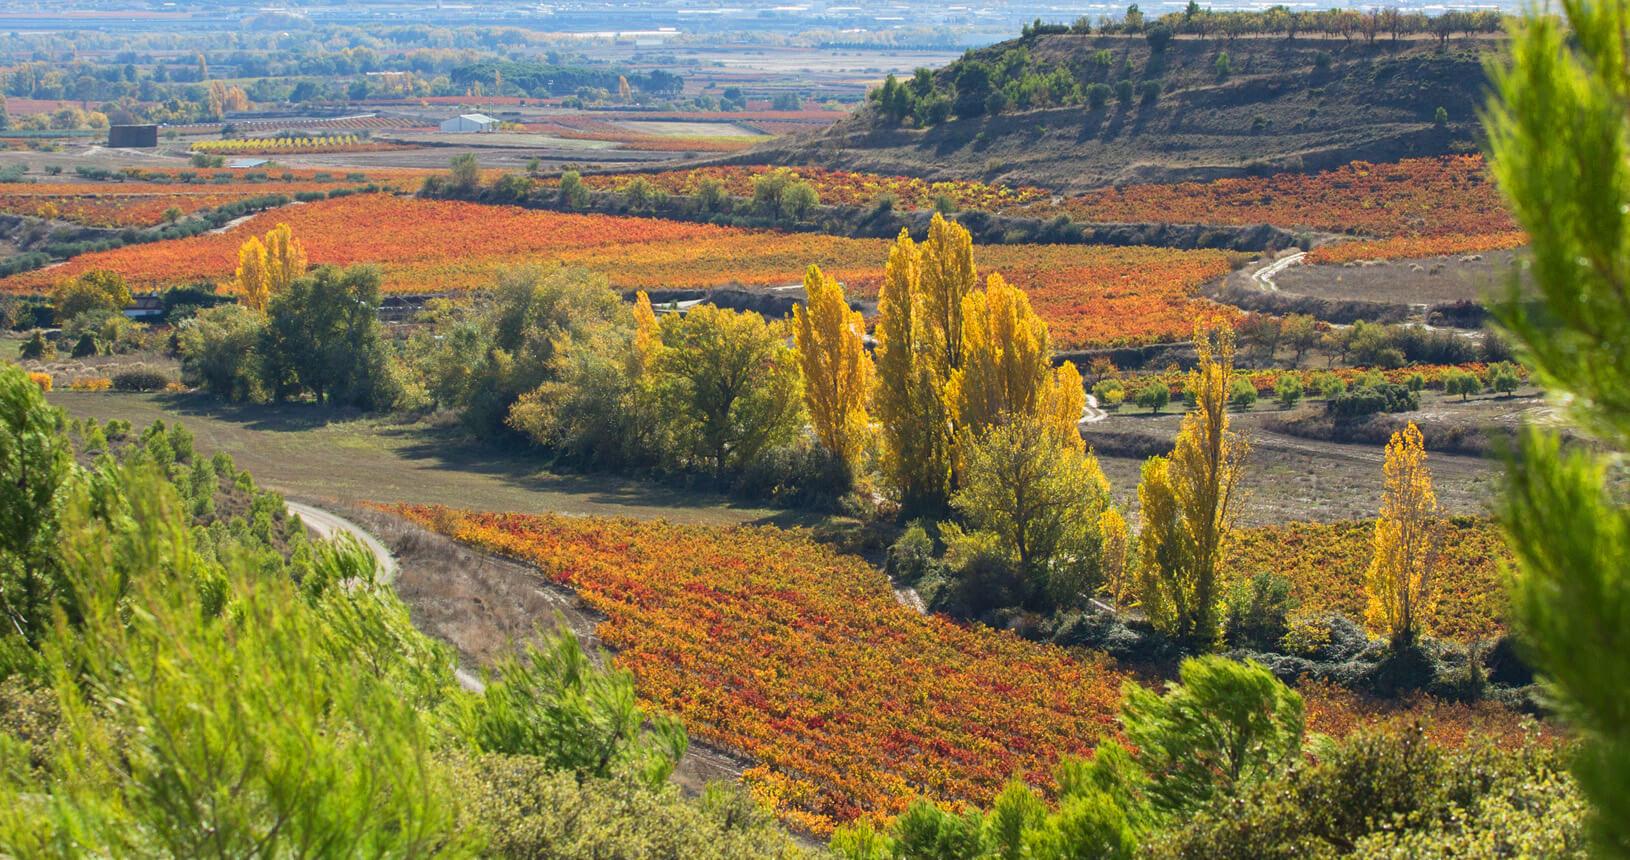 Viñas de las Bodegas Ondarrre